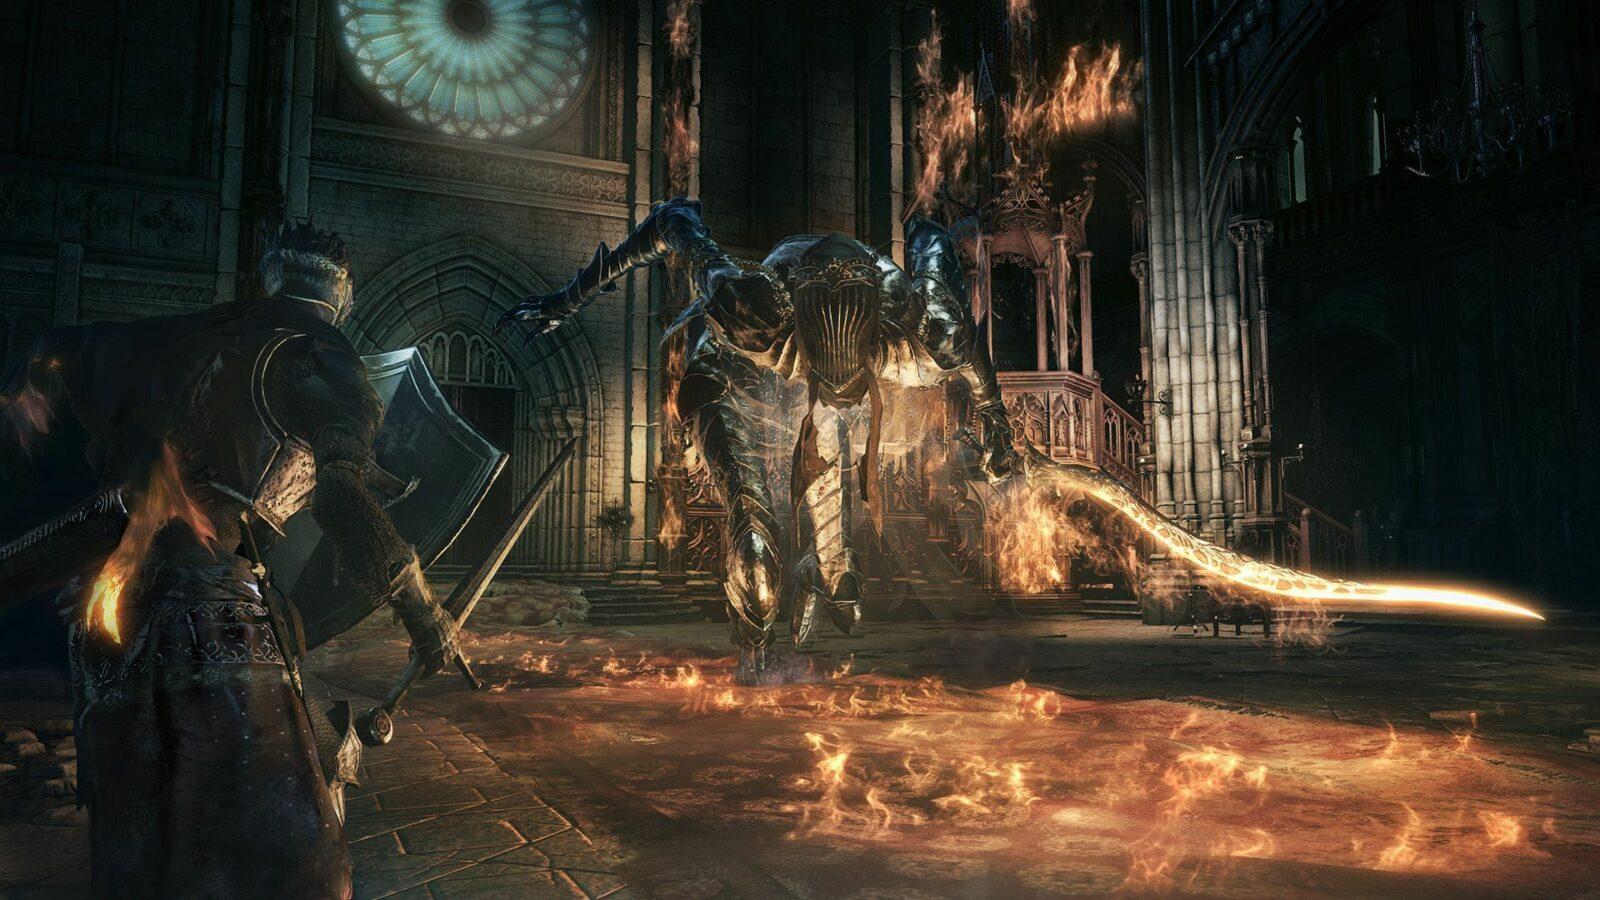 Броня в игре Dark Souls